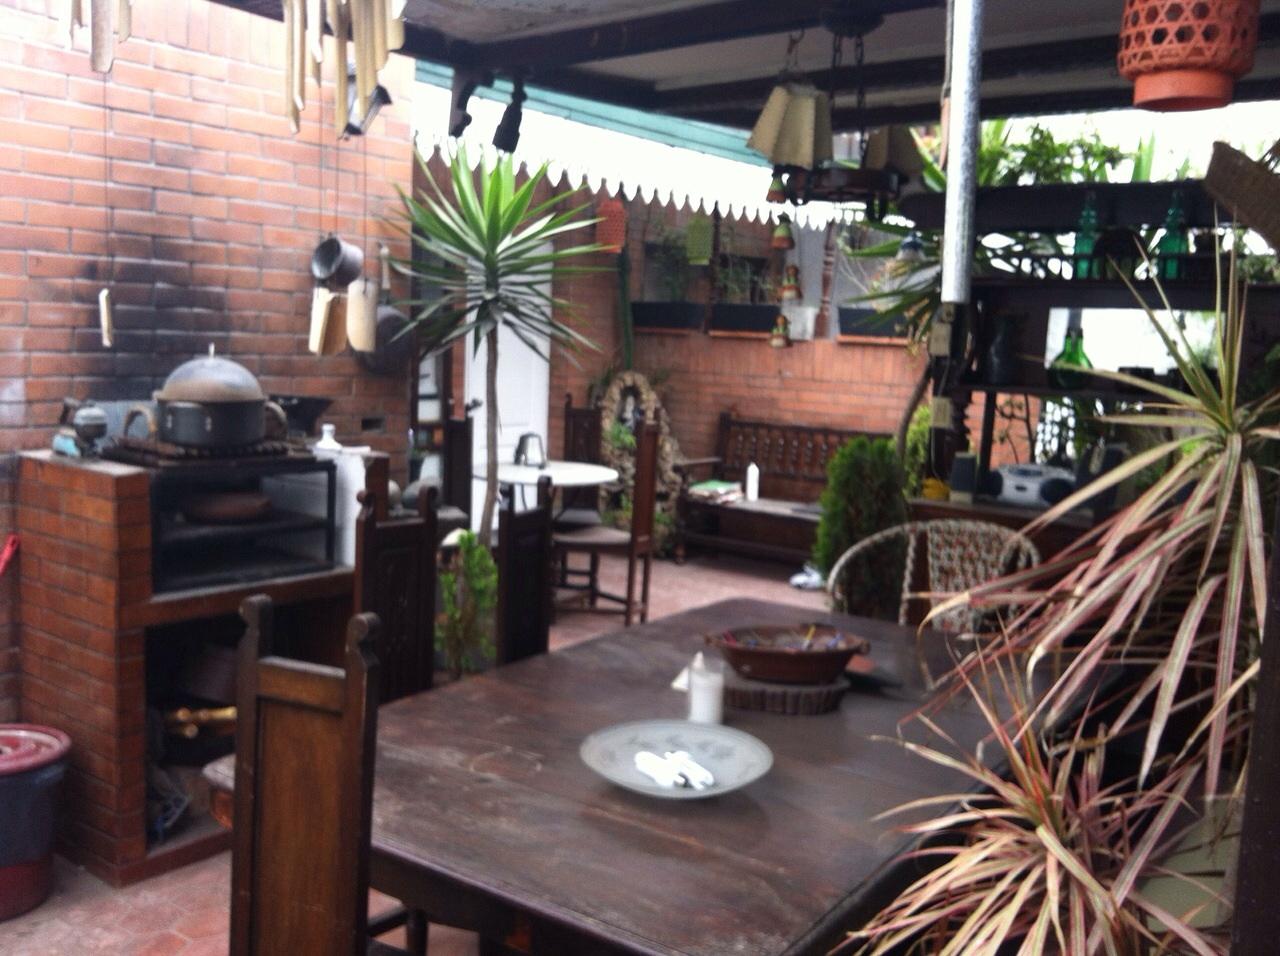 Piso compartido en Lima - Peru (alquiler de habitaciones)